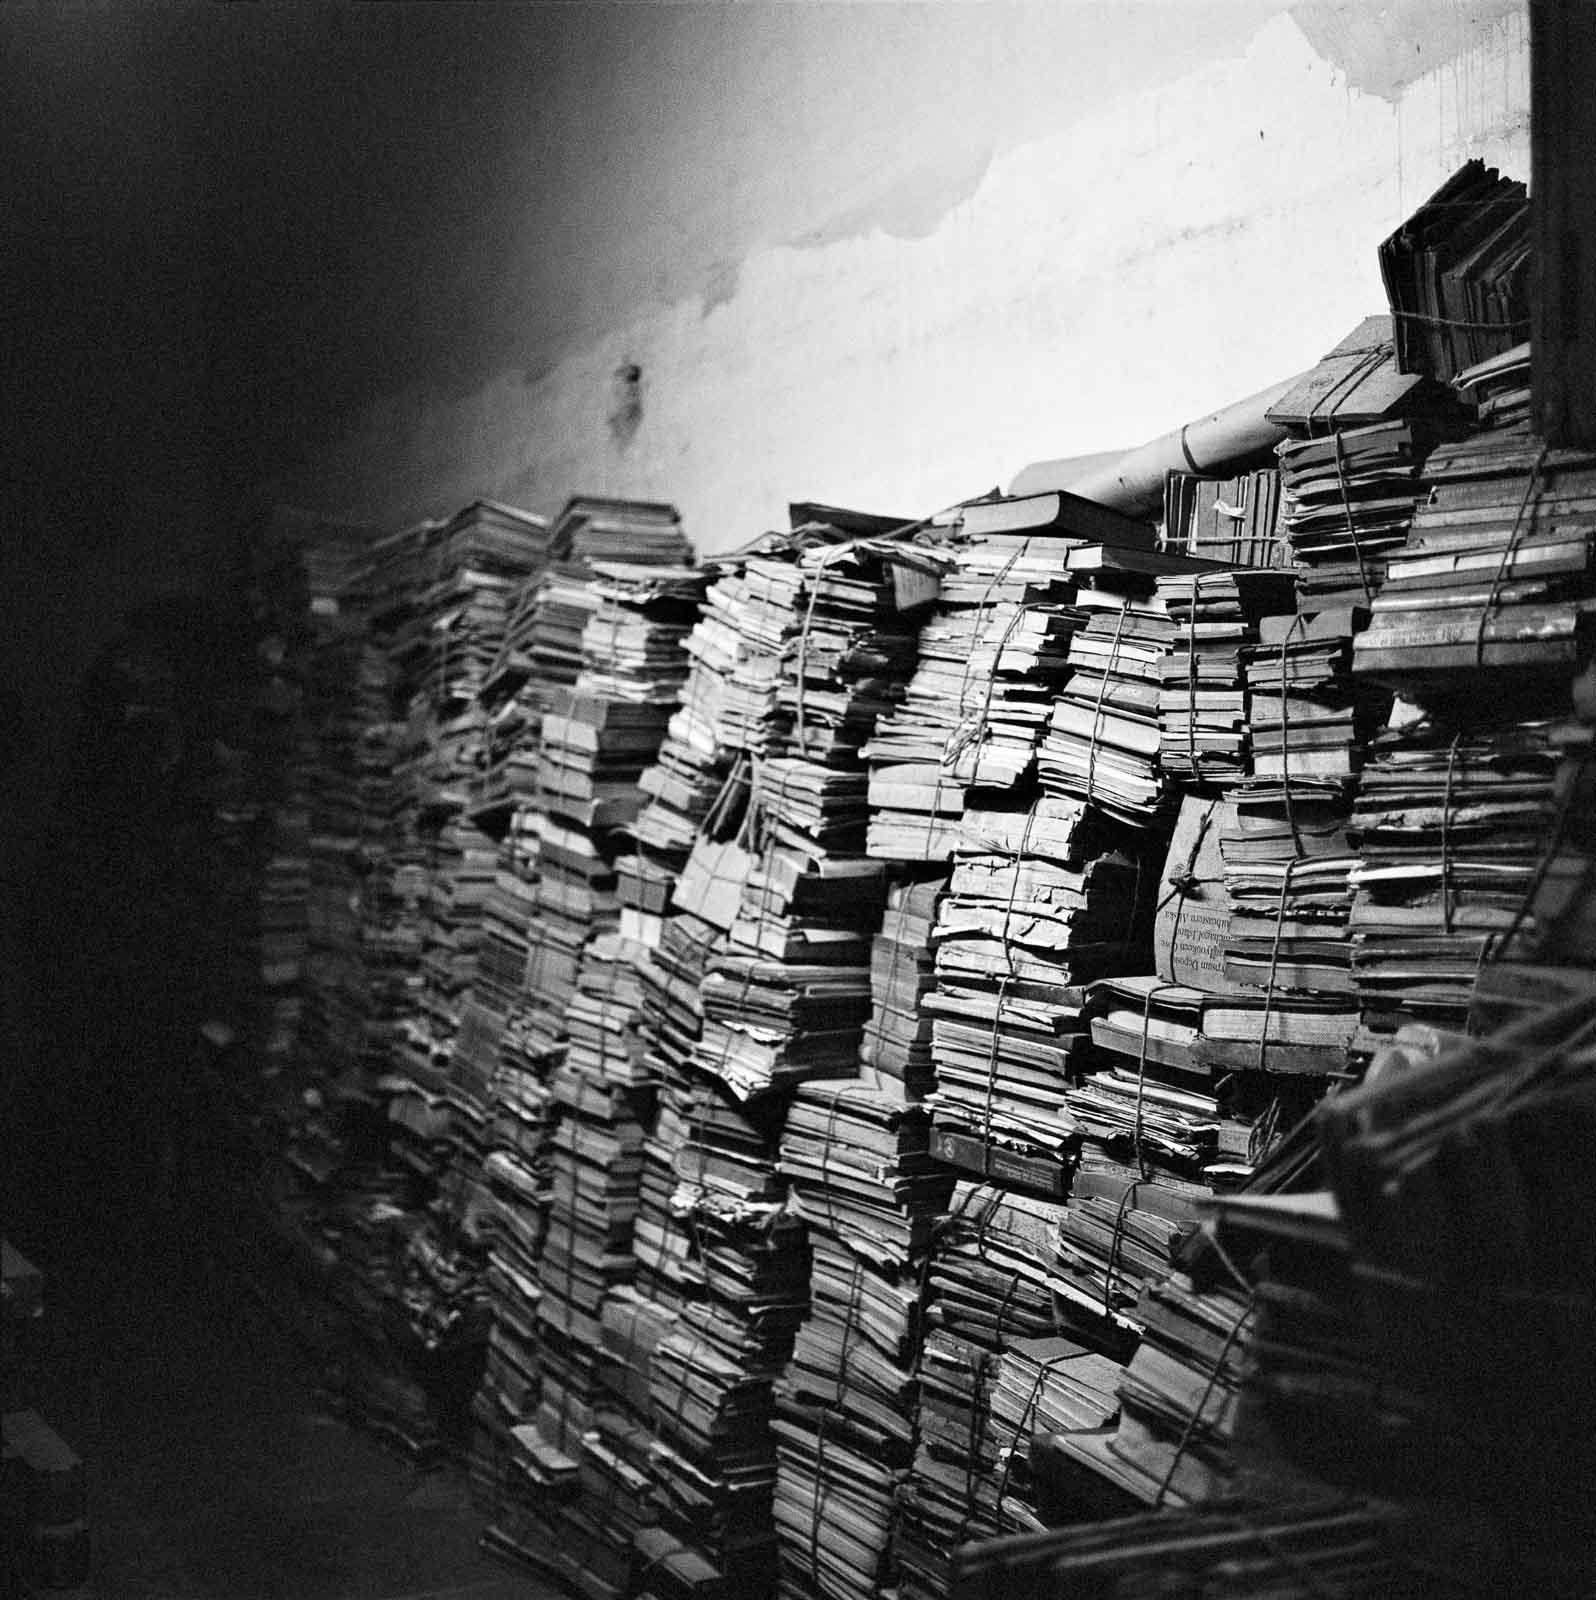 Alptraum Archiv? Foto aus dem besprochenen Fotoband. © Dayanita Singh